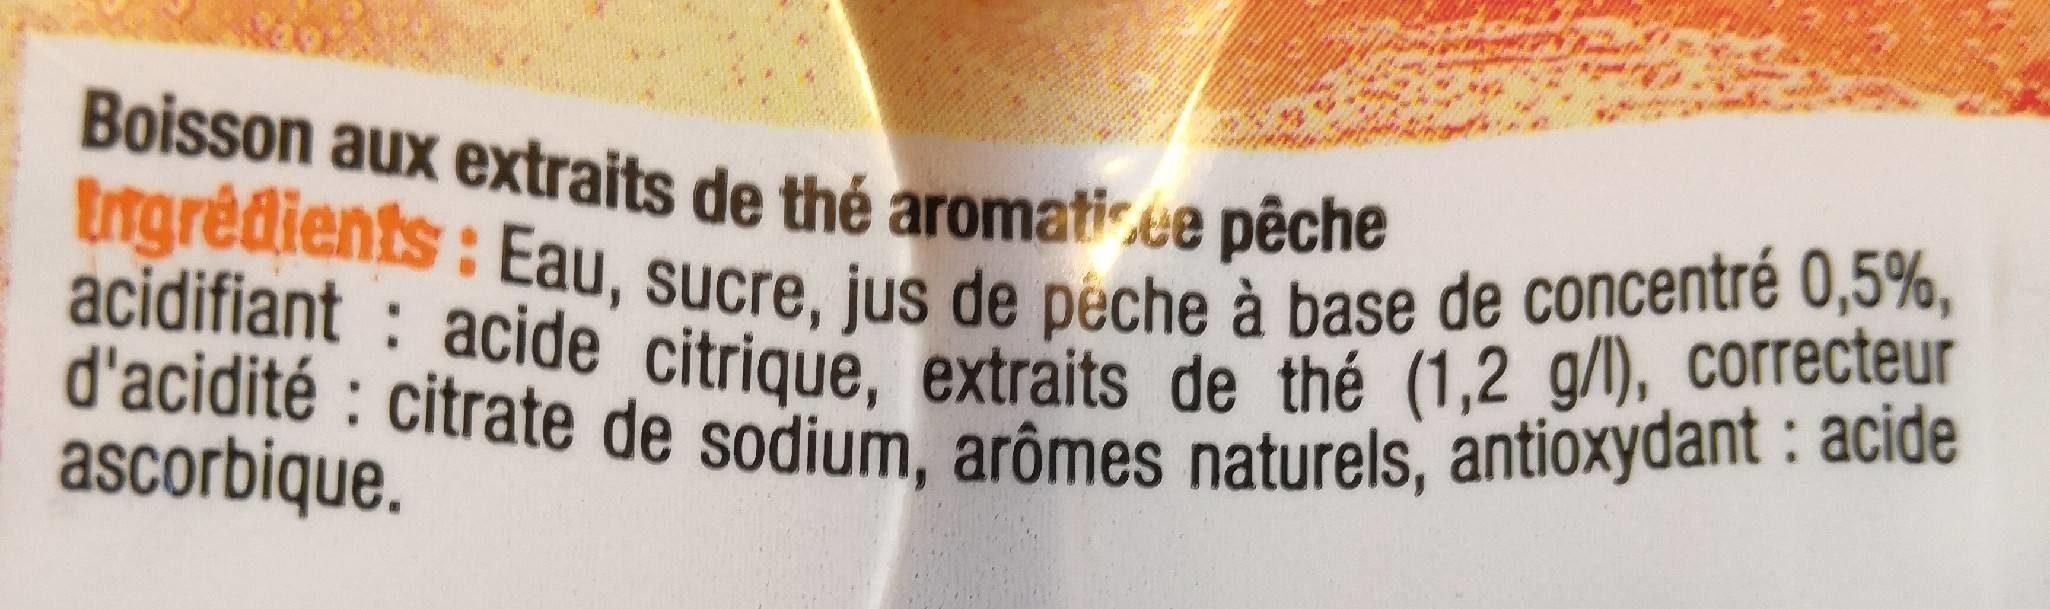 Boisson au thé saveur pêche - Ingrédients - fr